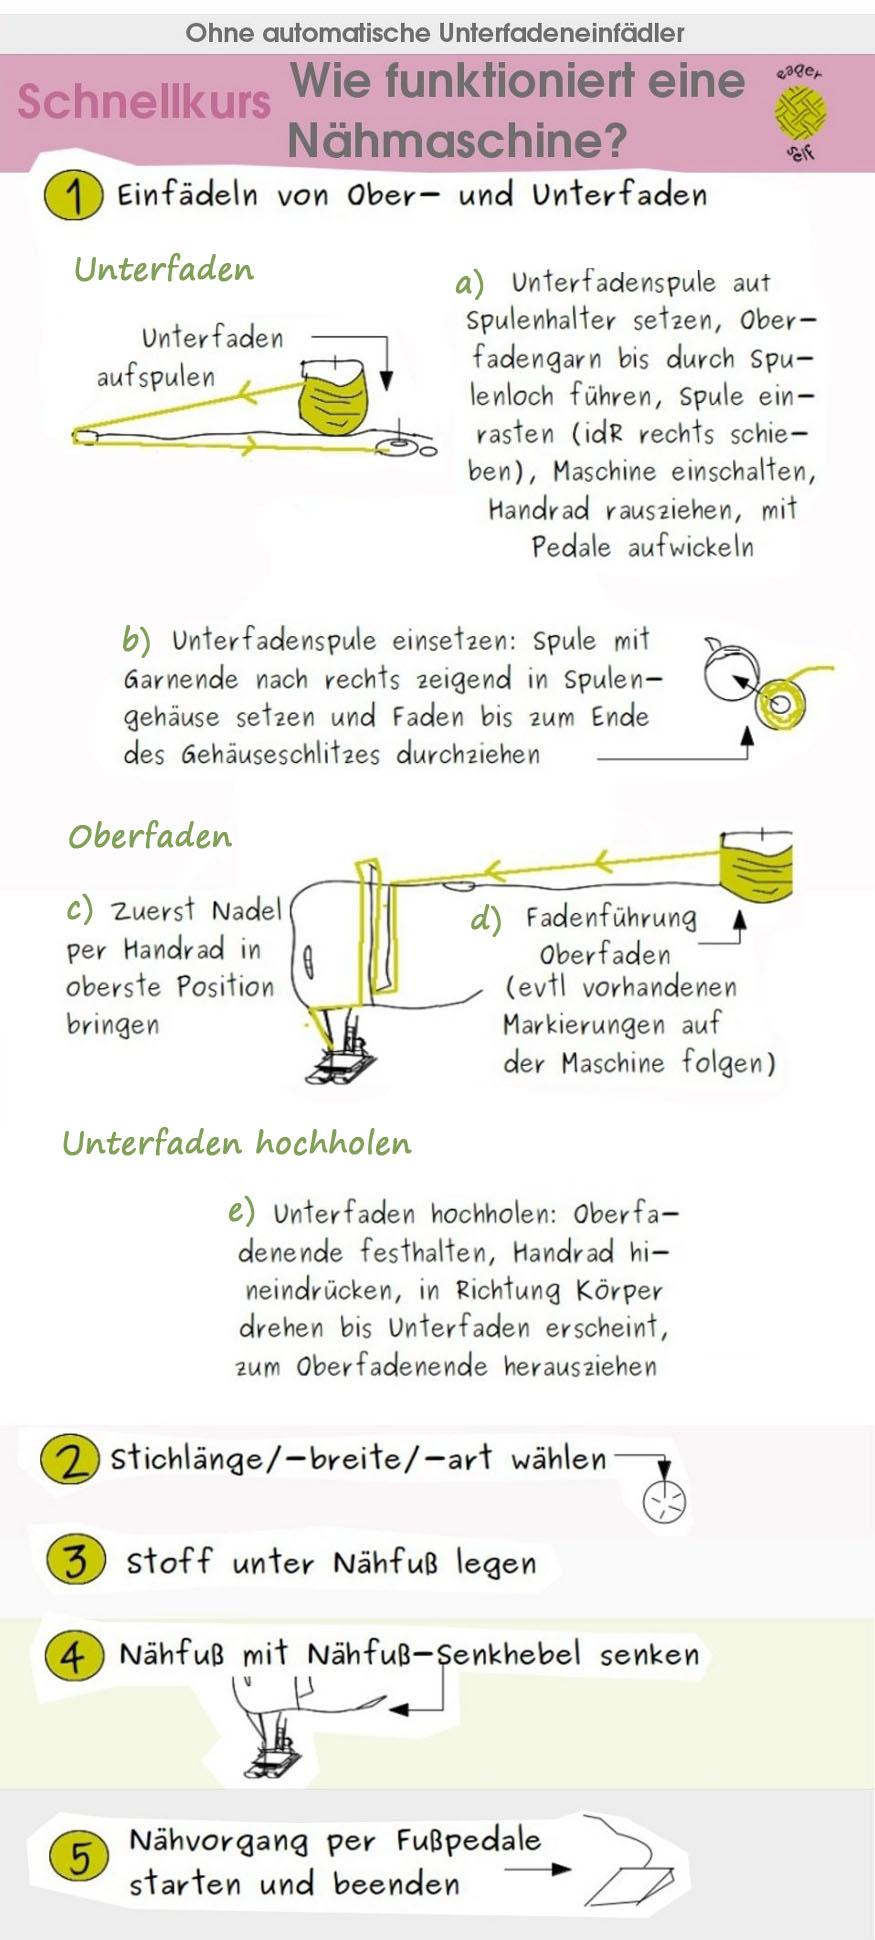 Kap. 2.3 | Wie funktioniert eine Nähmaschine? • eager self